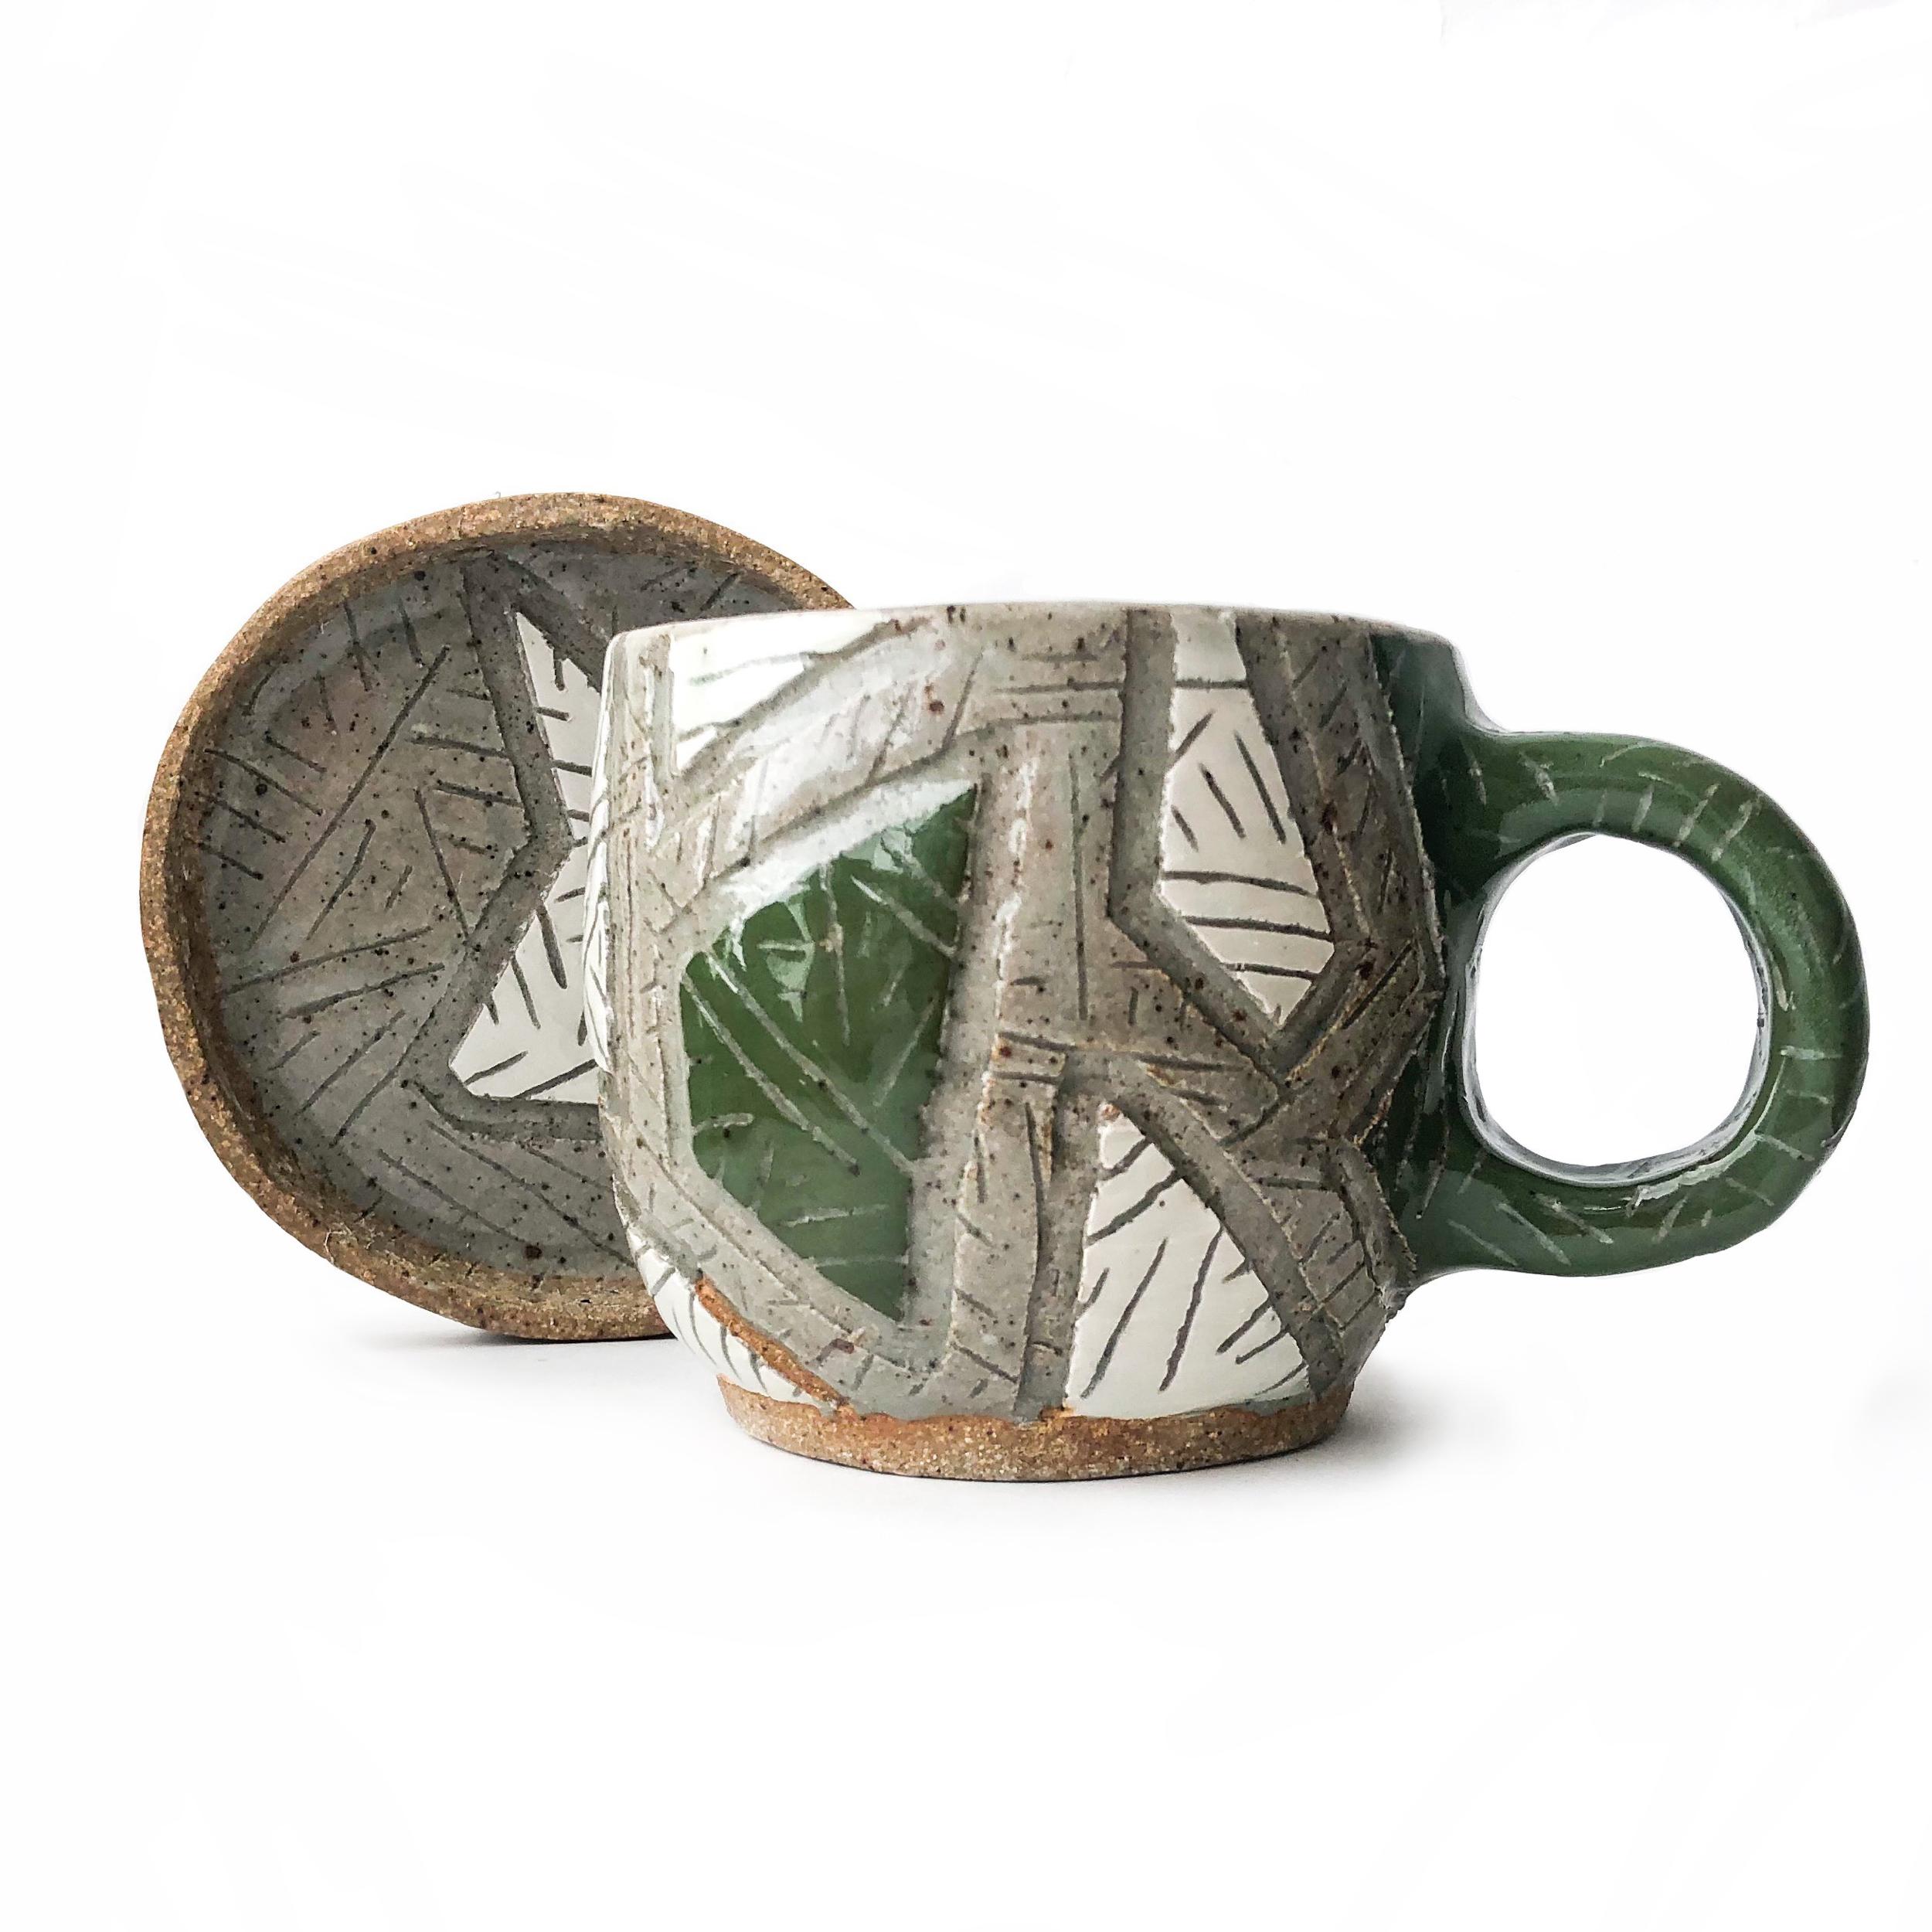 jordan_kushins_ceramic_mug_coaster1.png